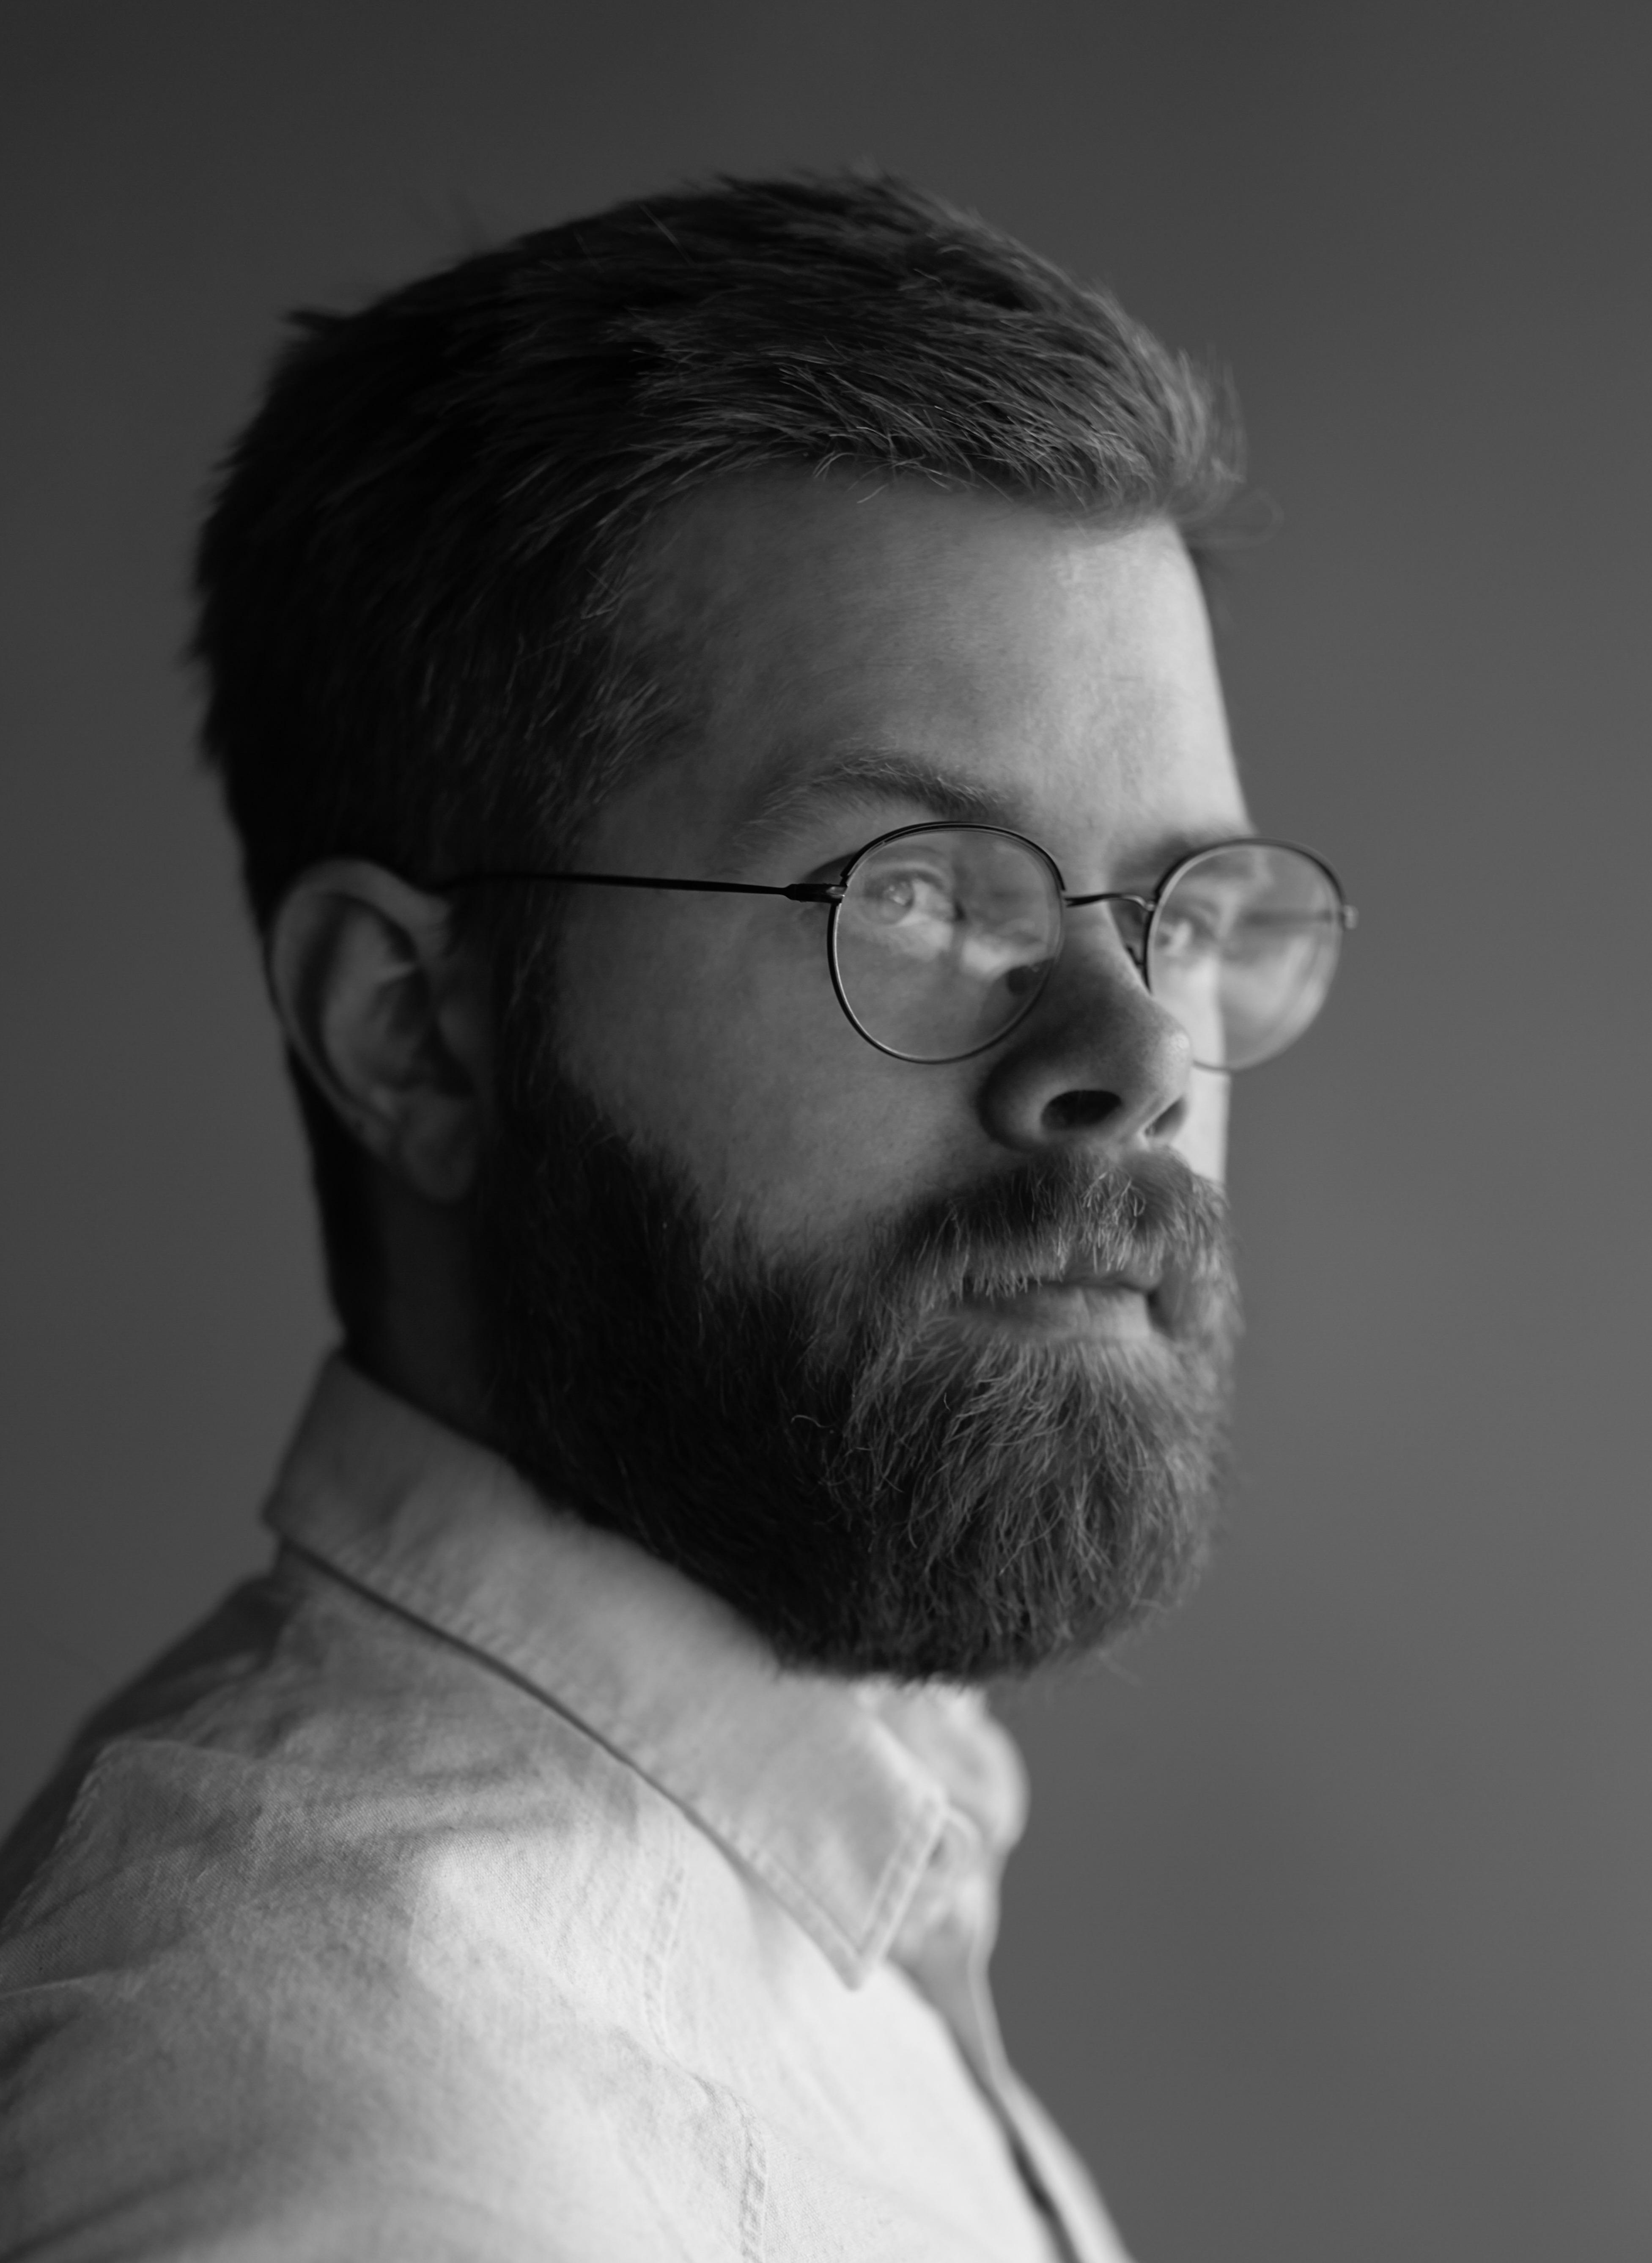 Arinbjørn Kuld